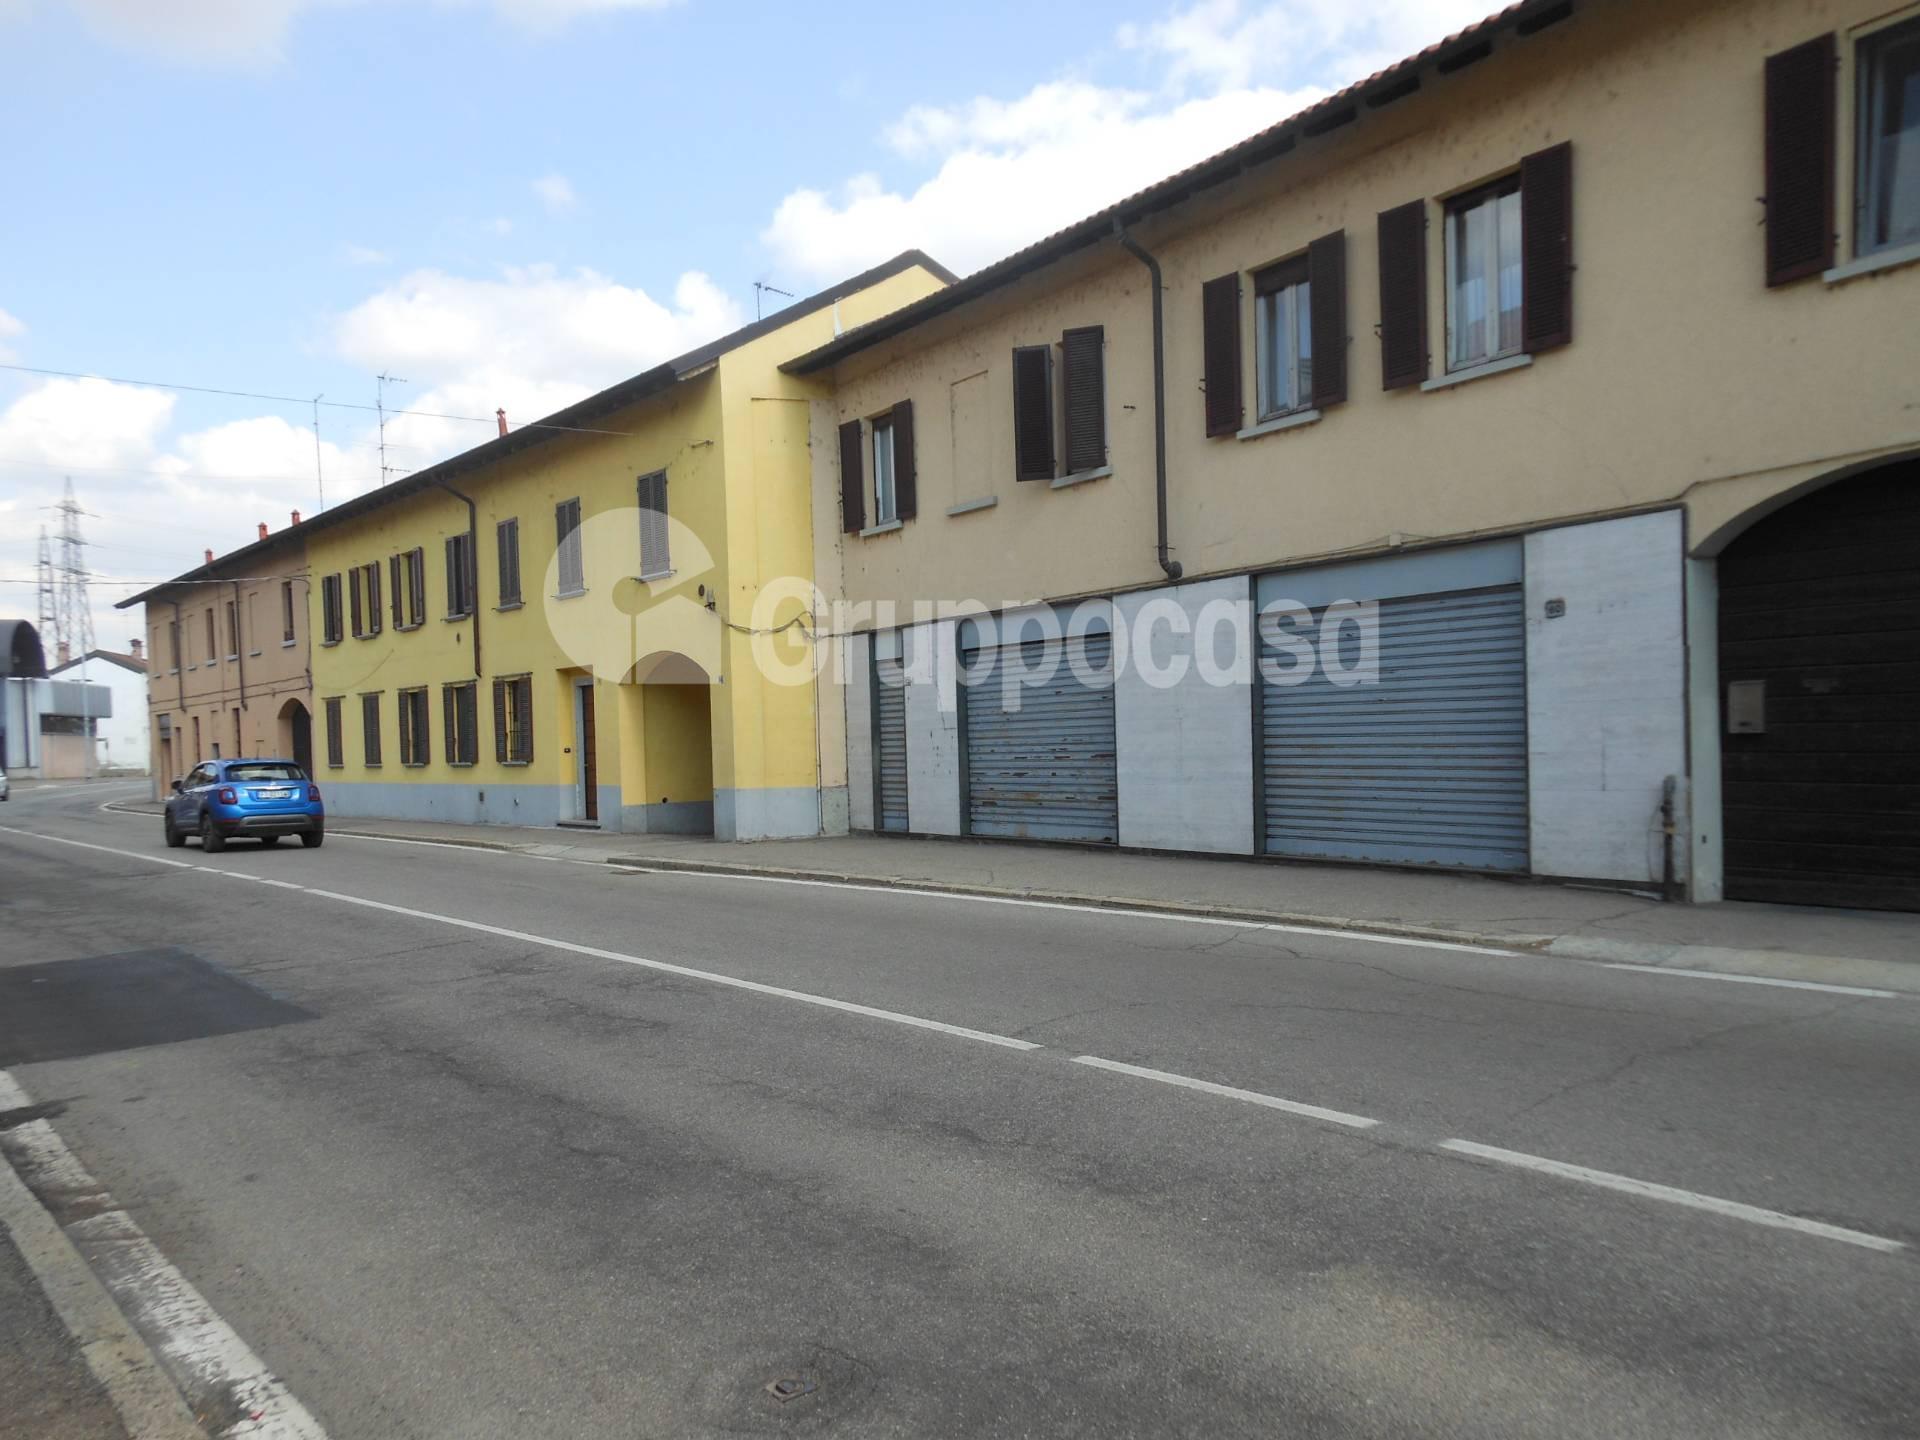 Negozio / Locale in affitto a Magenta, 9999 locali, prezzo € 900 | PortaleAgenzieImmobiliari.it